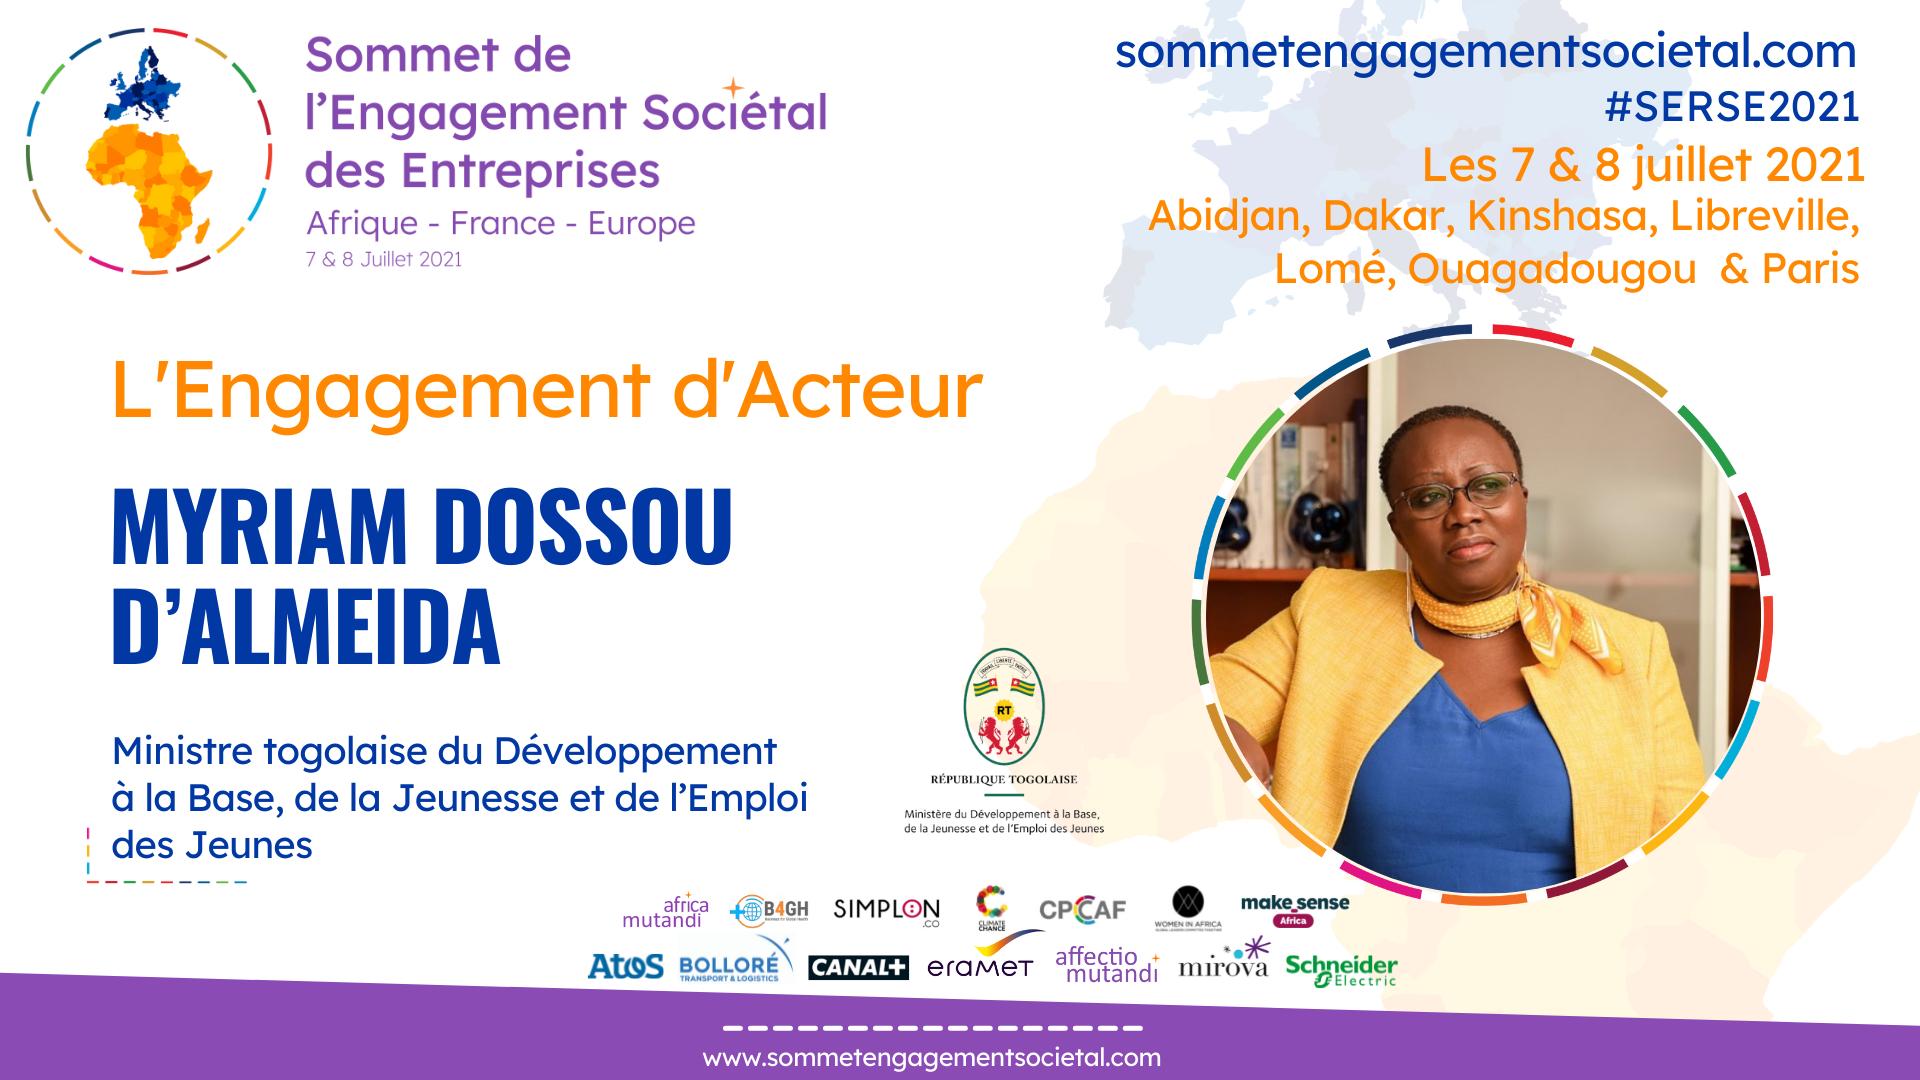 Myriam Dossou d'Almeida appelle à plus de confiance entre les acteurs pour plus d'impact dans l'atteinte des Objectifs de Développement Durable